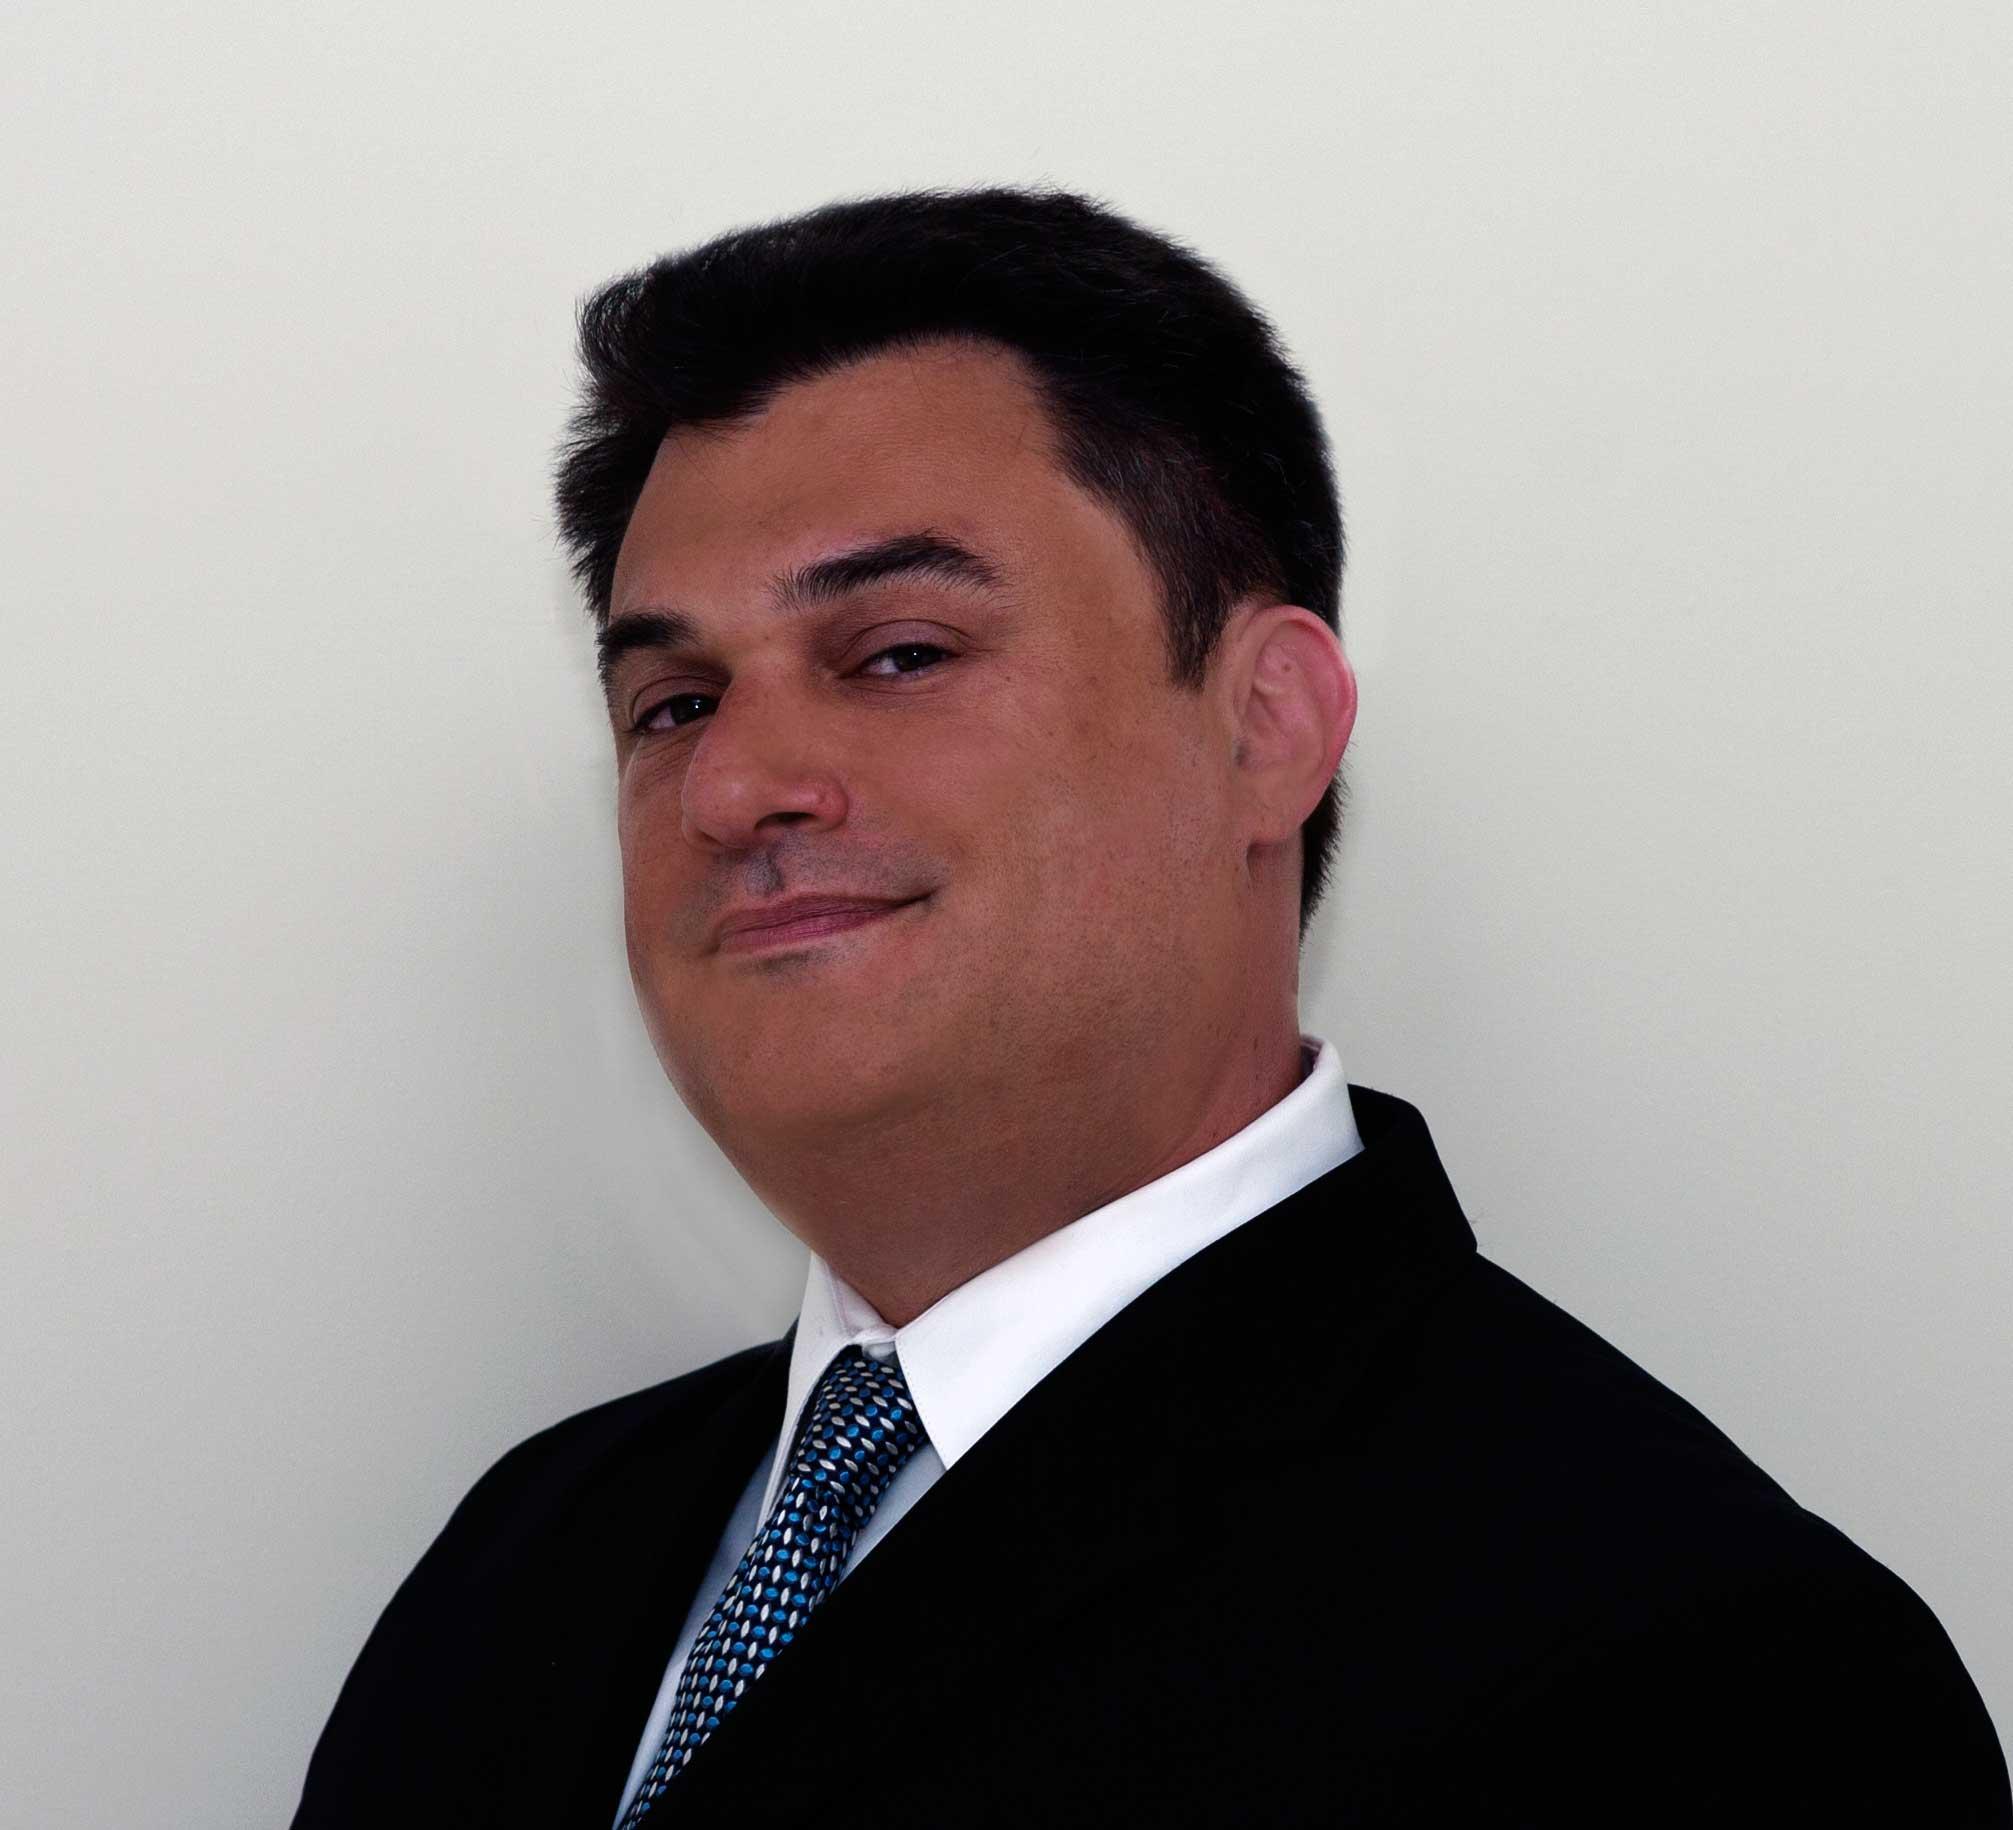 Jason R. Nardi